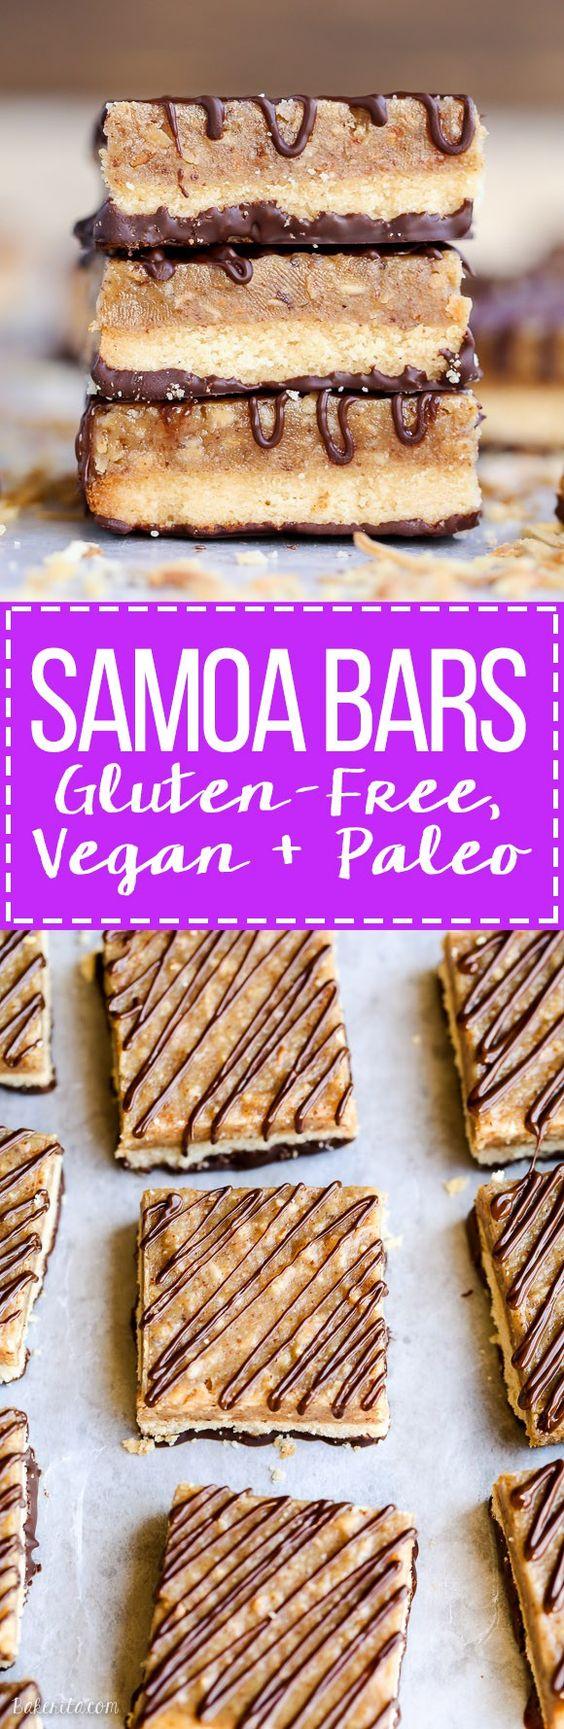 samoa bars - paleo, gluten free